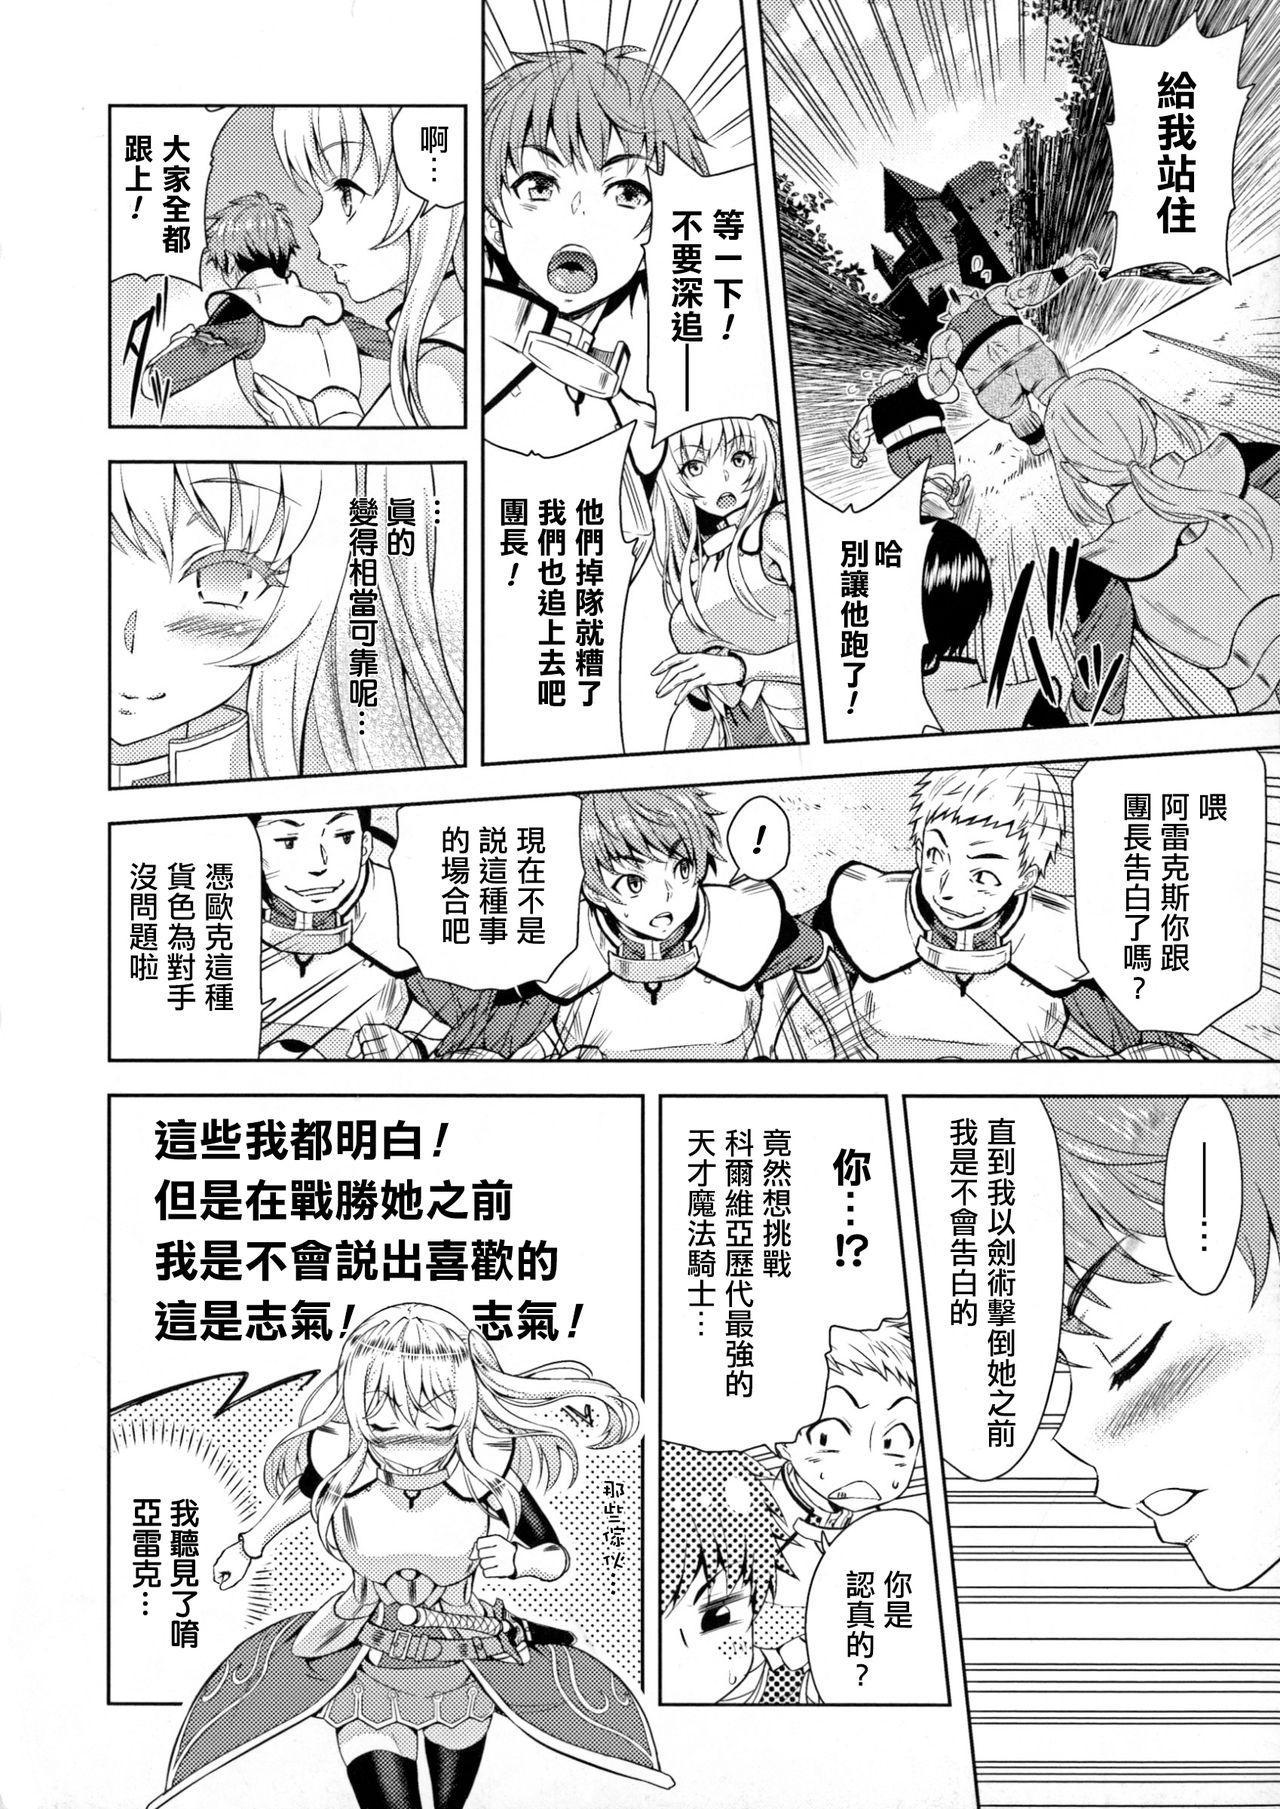 ERONA Orc no Inmon ni Okasareta Onna Kishi no Matsuro Ch. 1-5 9